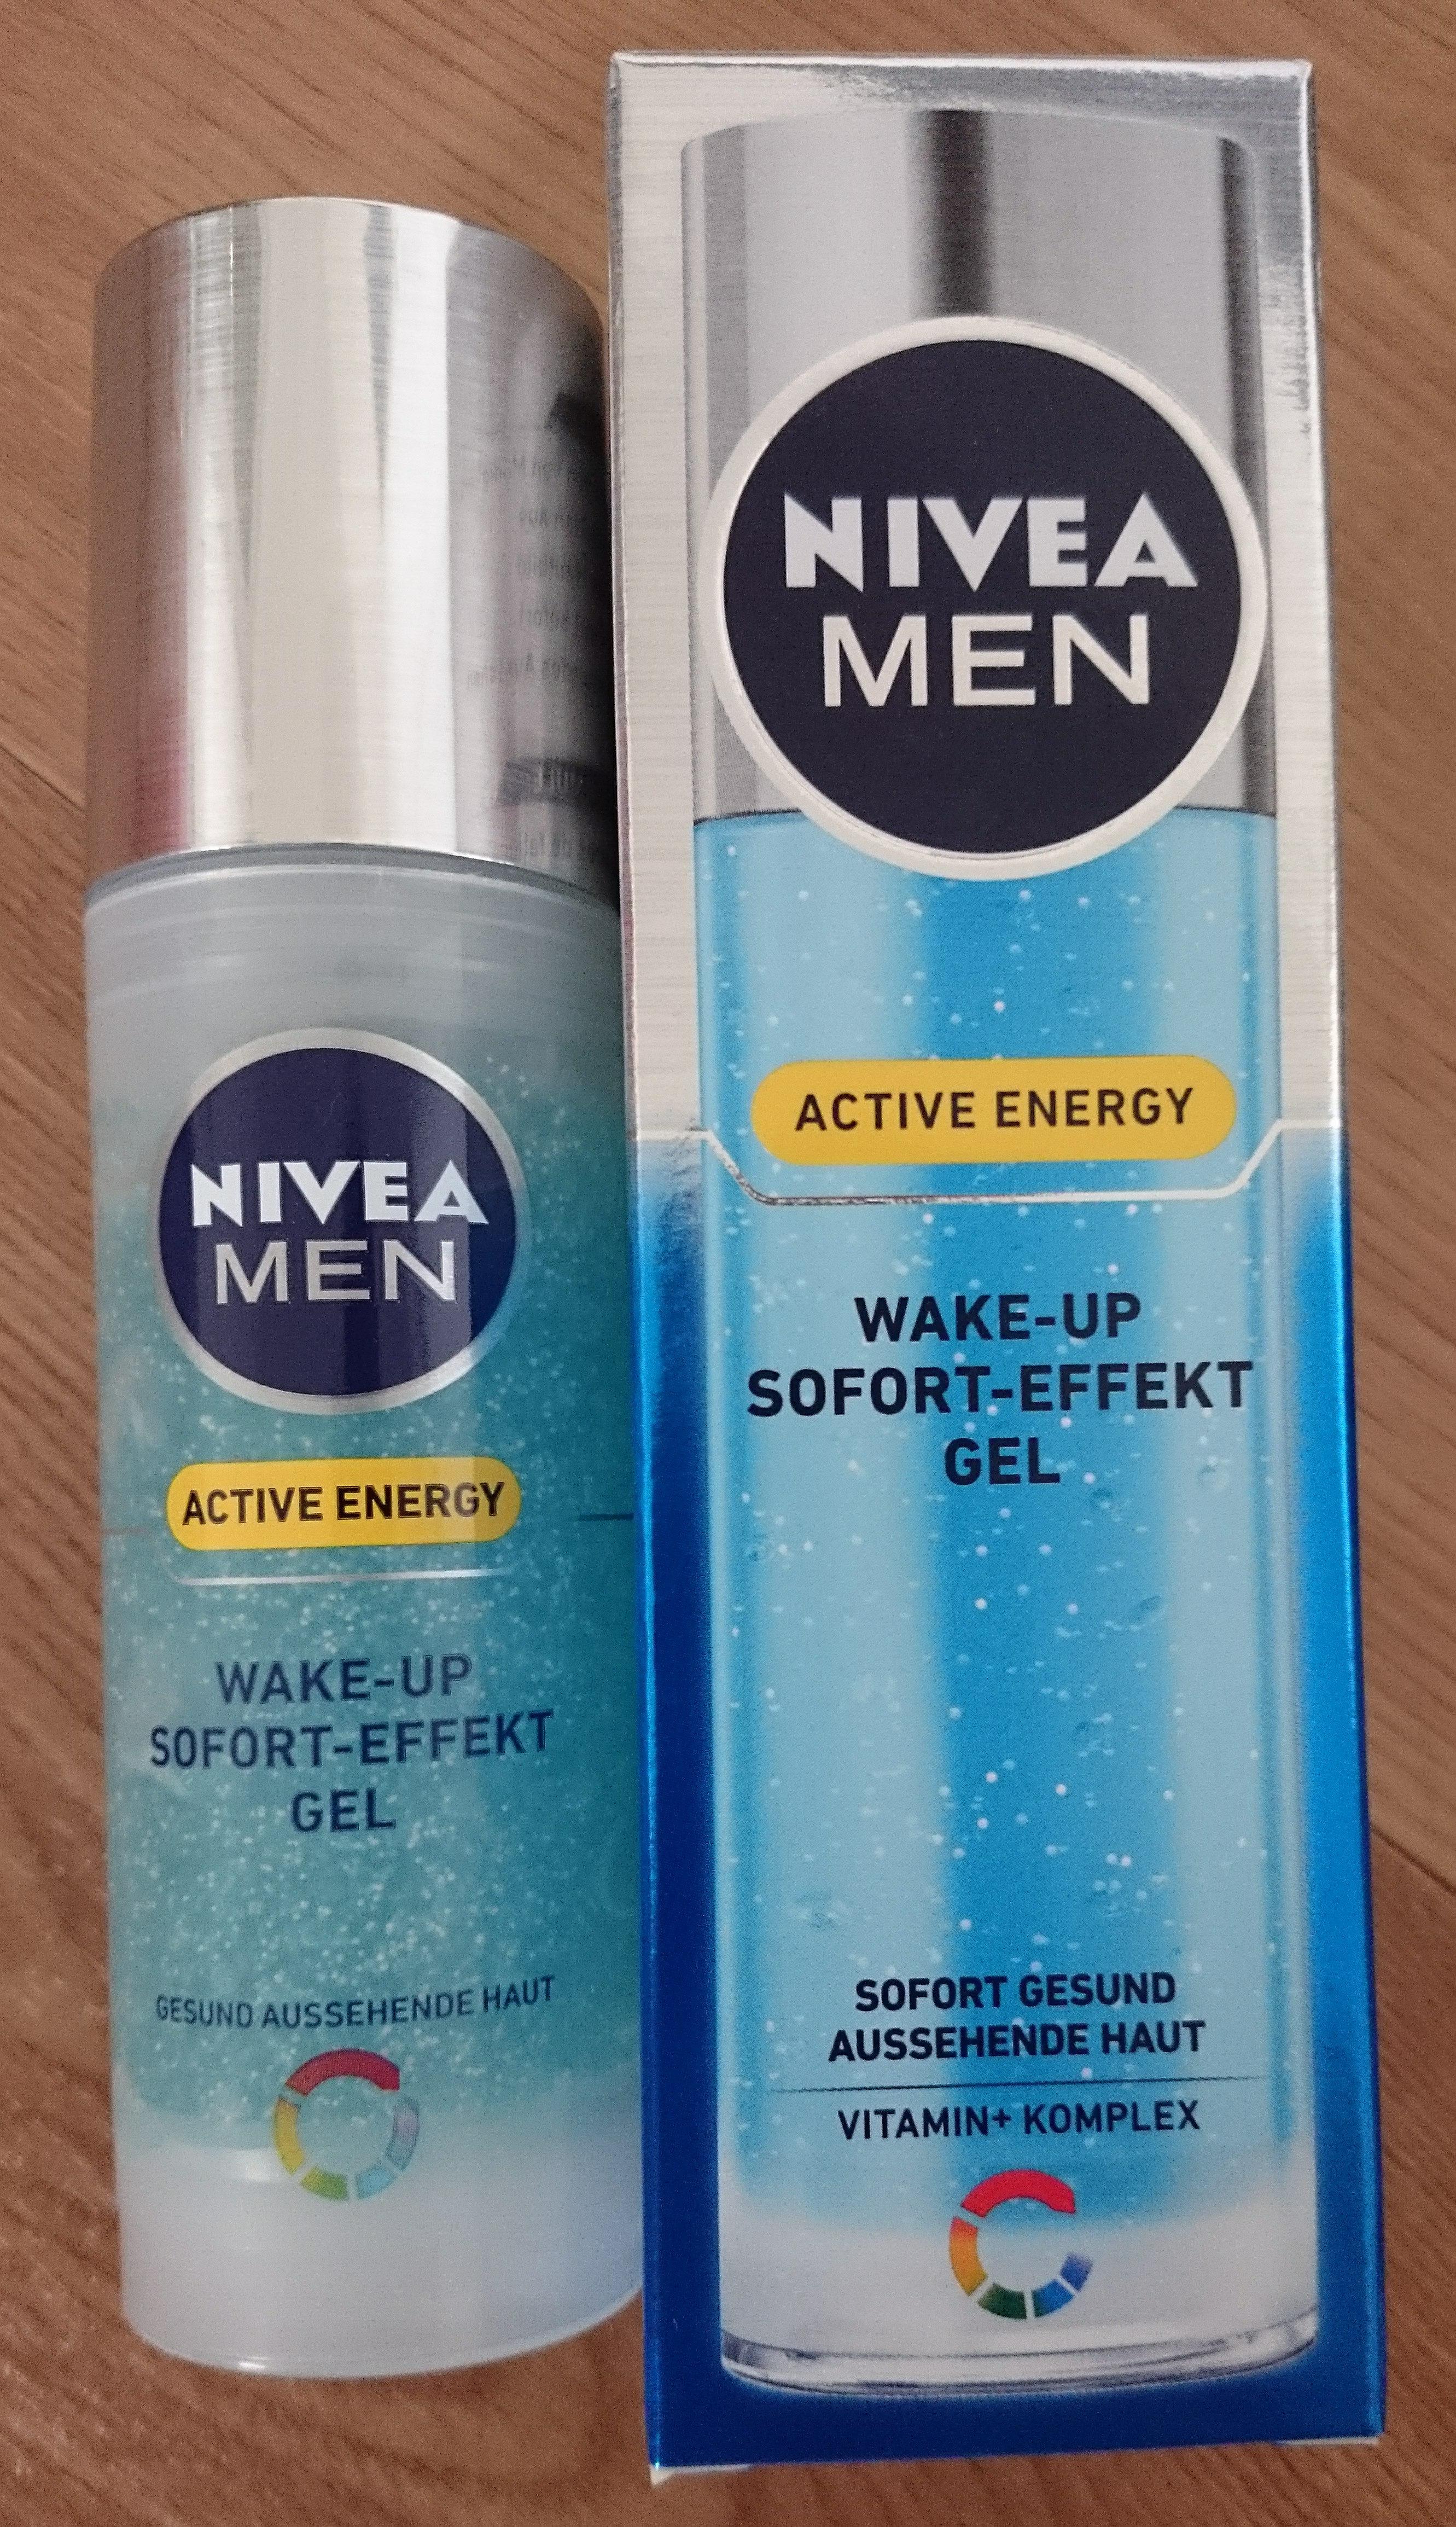 Active Energy Wake-Up Sofort-Effekt Gel - Product - de